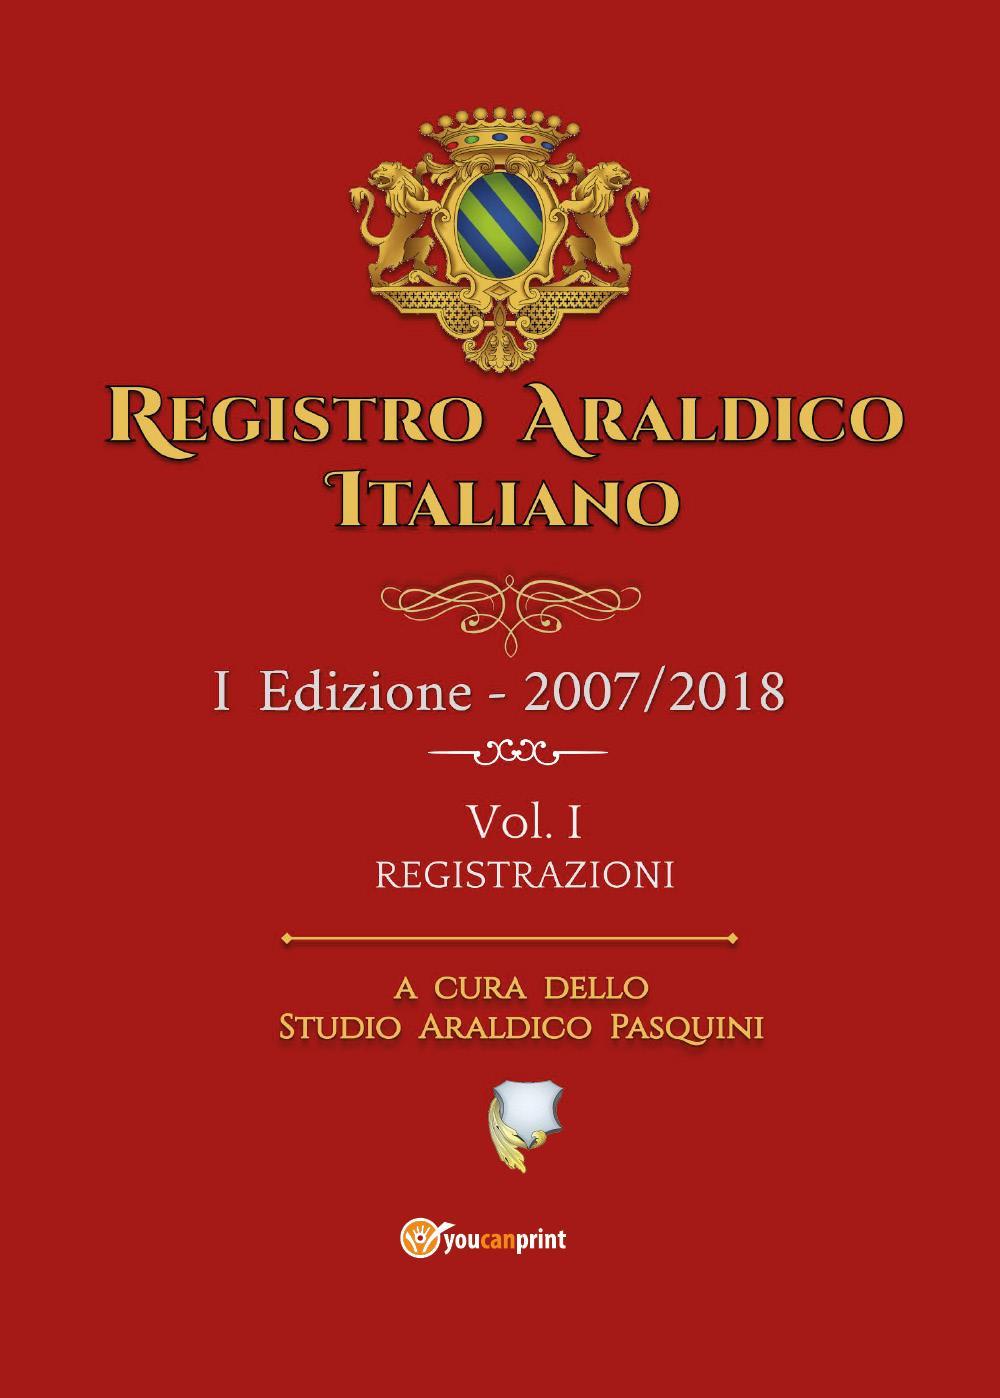 Registro Araldico Italiano - I Edizione - Vol. I - Registrazioni